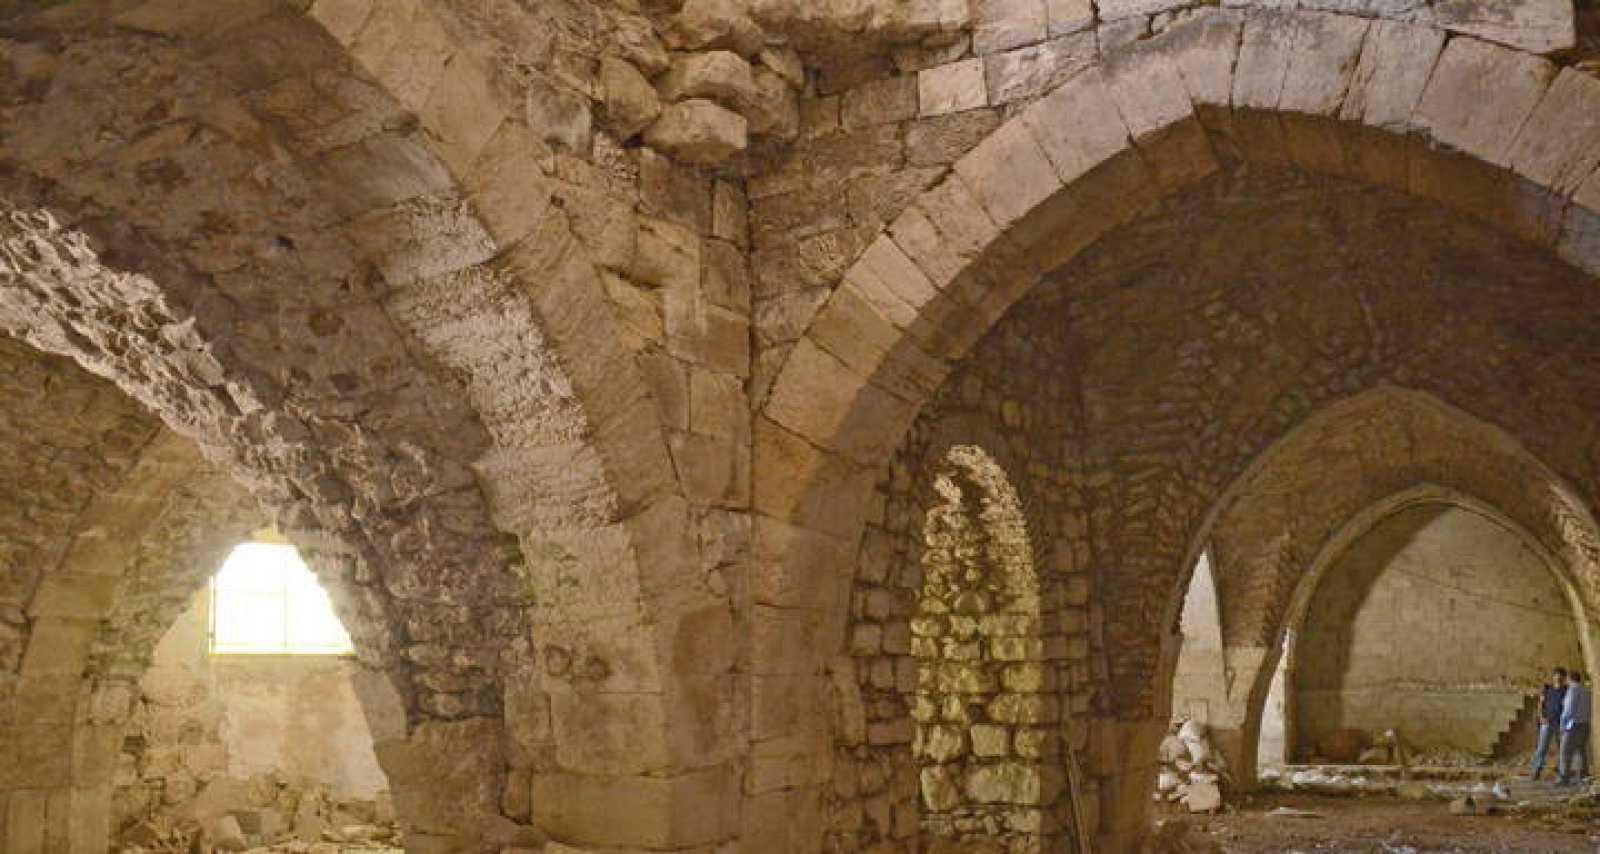 Pilares, arcos apuntados y techo abovedado de una de las galerías del hospital regentado por una orden cruzada